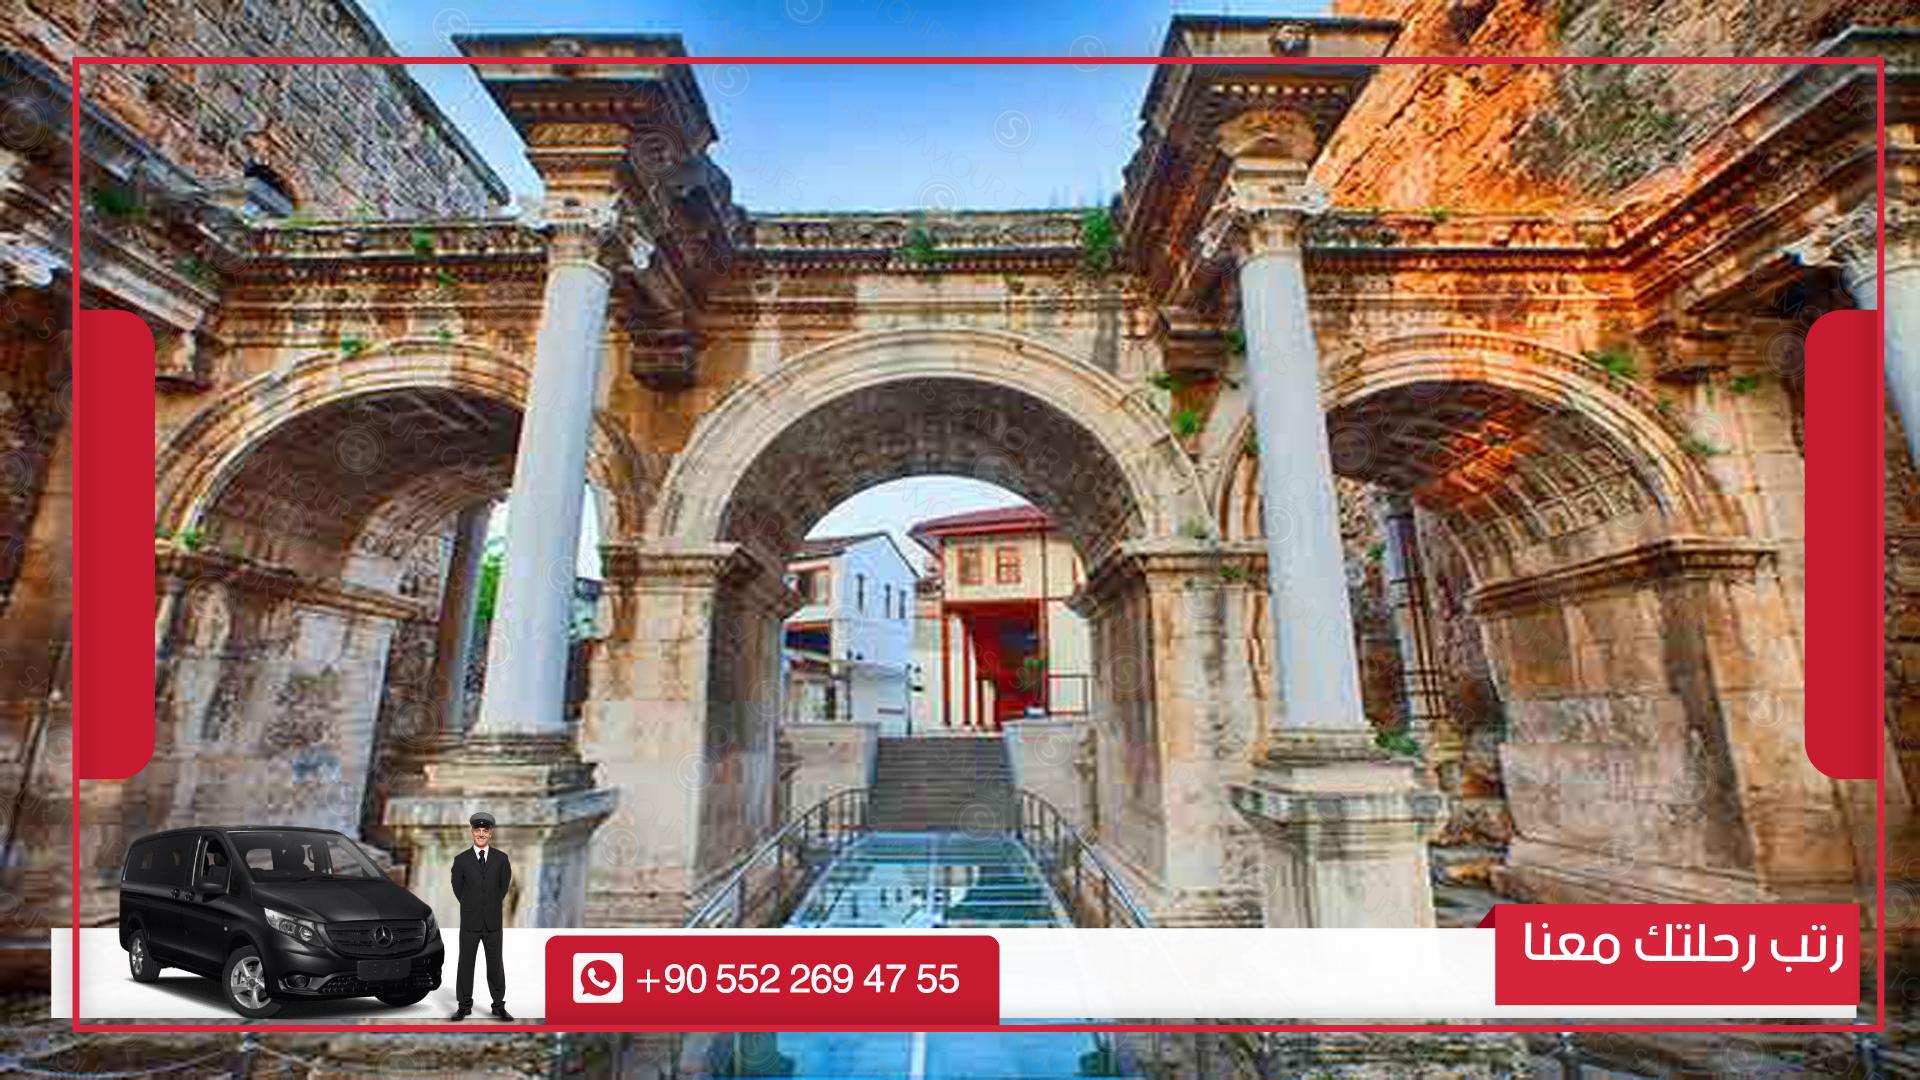 الوجهات السياحية في أنطاليا